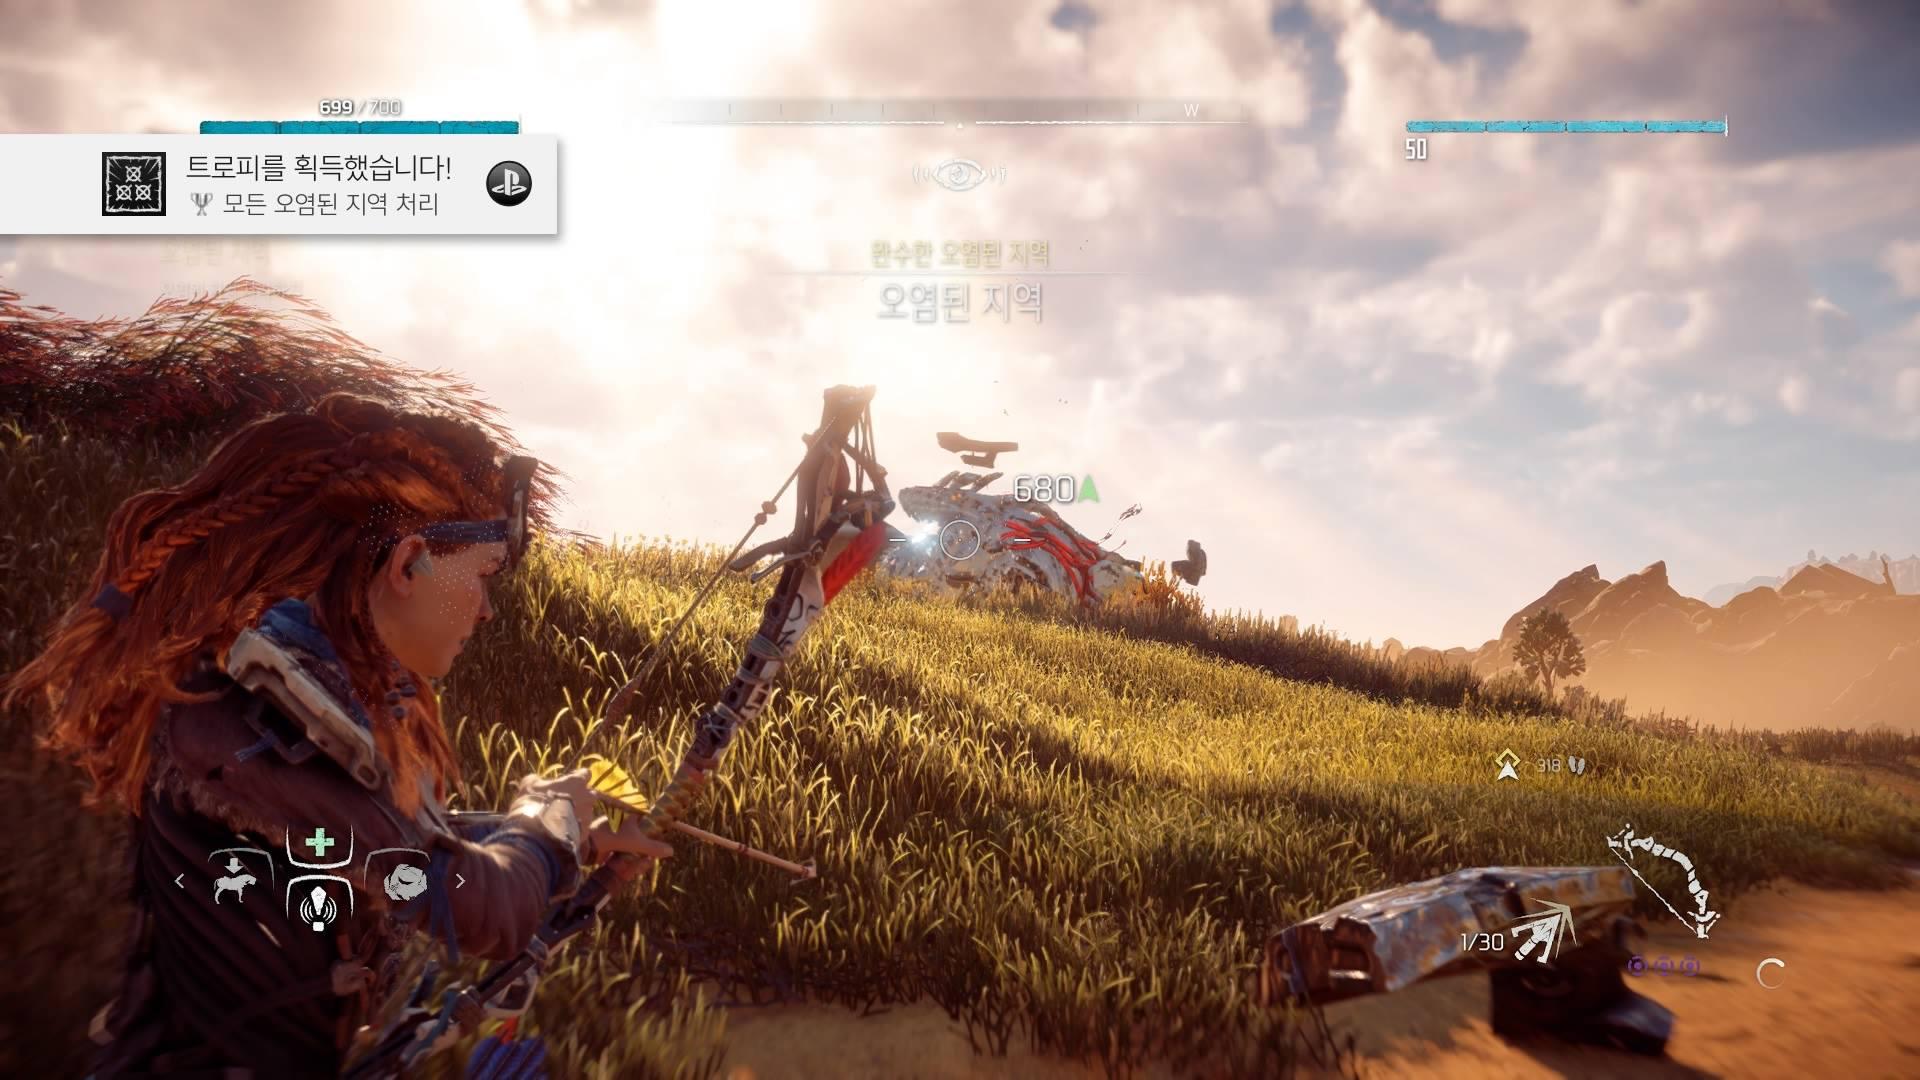 PS4 - 호라이즌 제로 던 플래티넘 획득